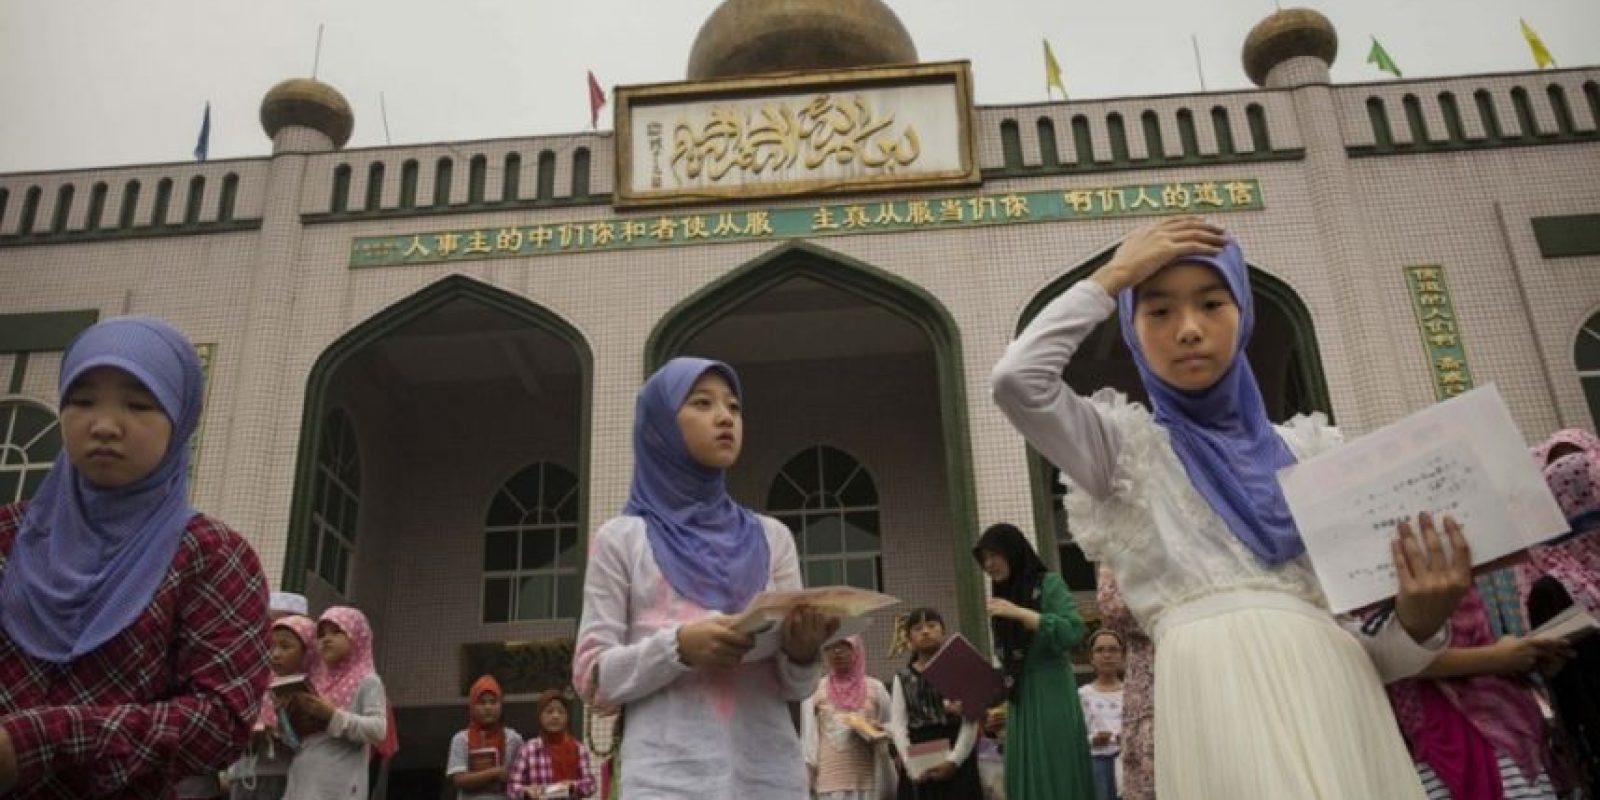 En Francia trataron de imponer la no utilización del hijab en las escuelas. Foto:Getty Images